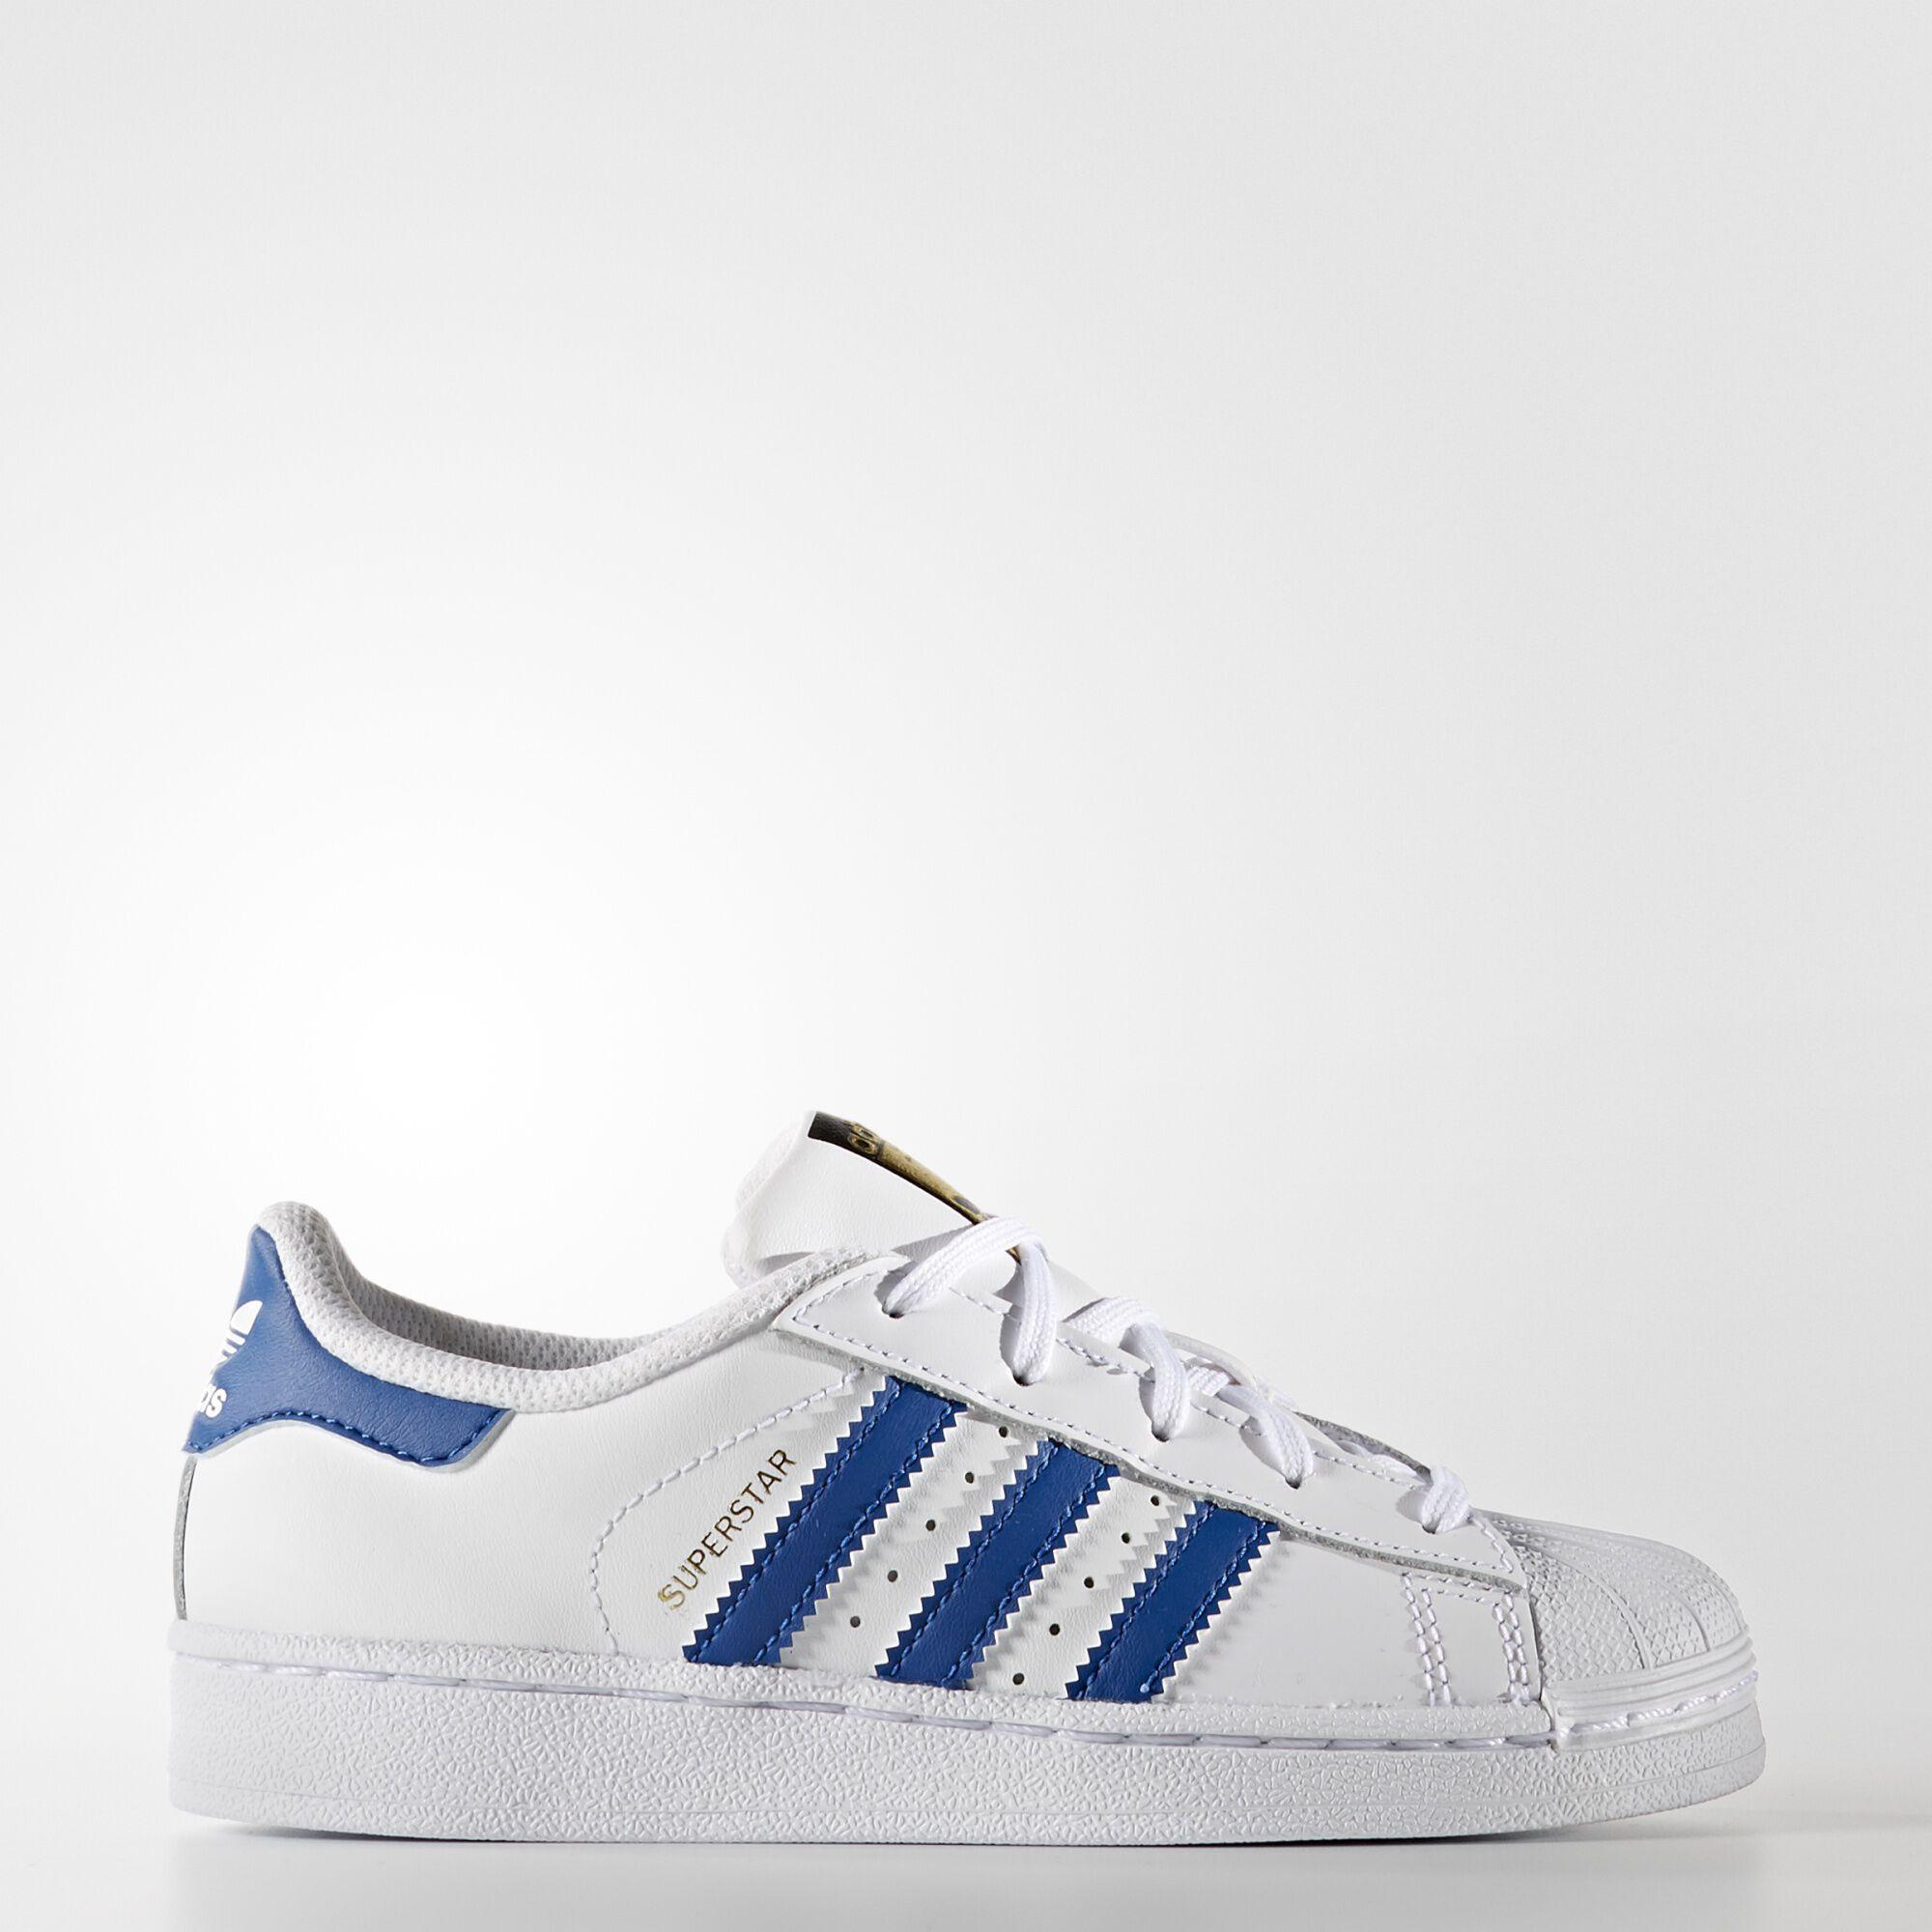 Adidas All Star Punta Dorada